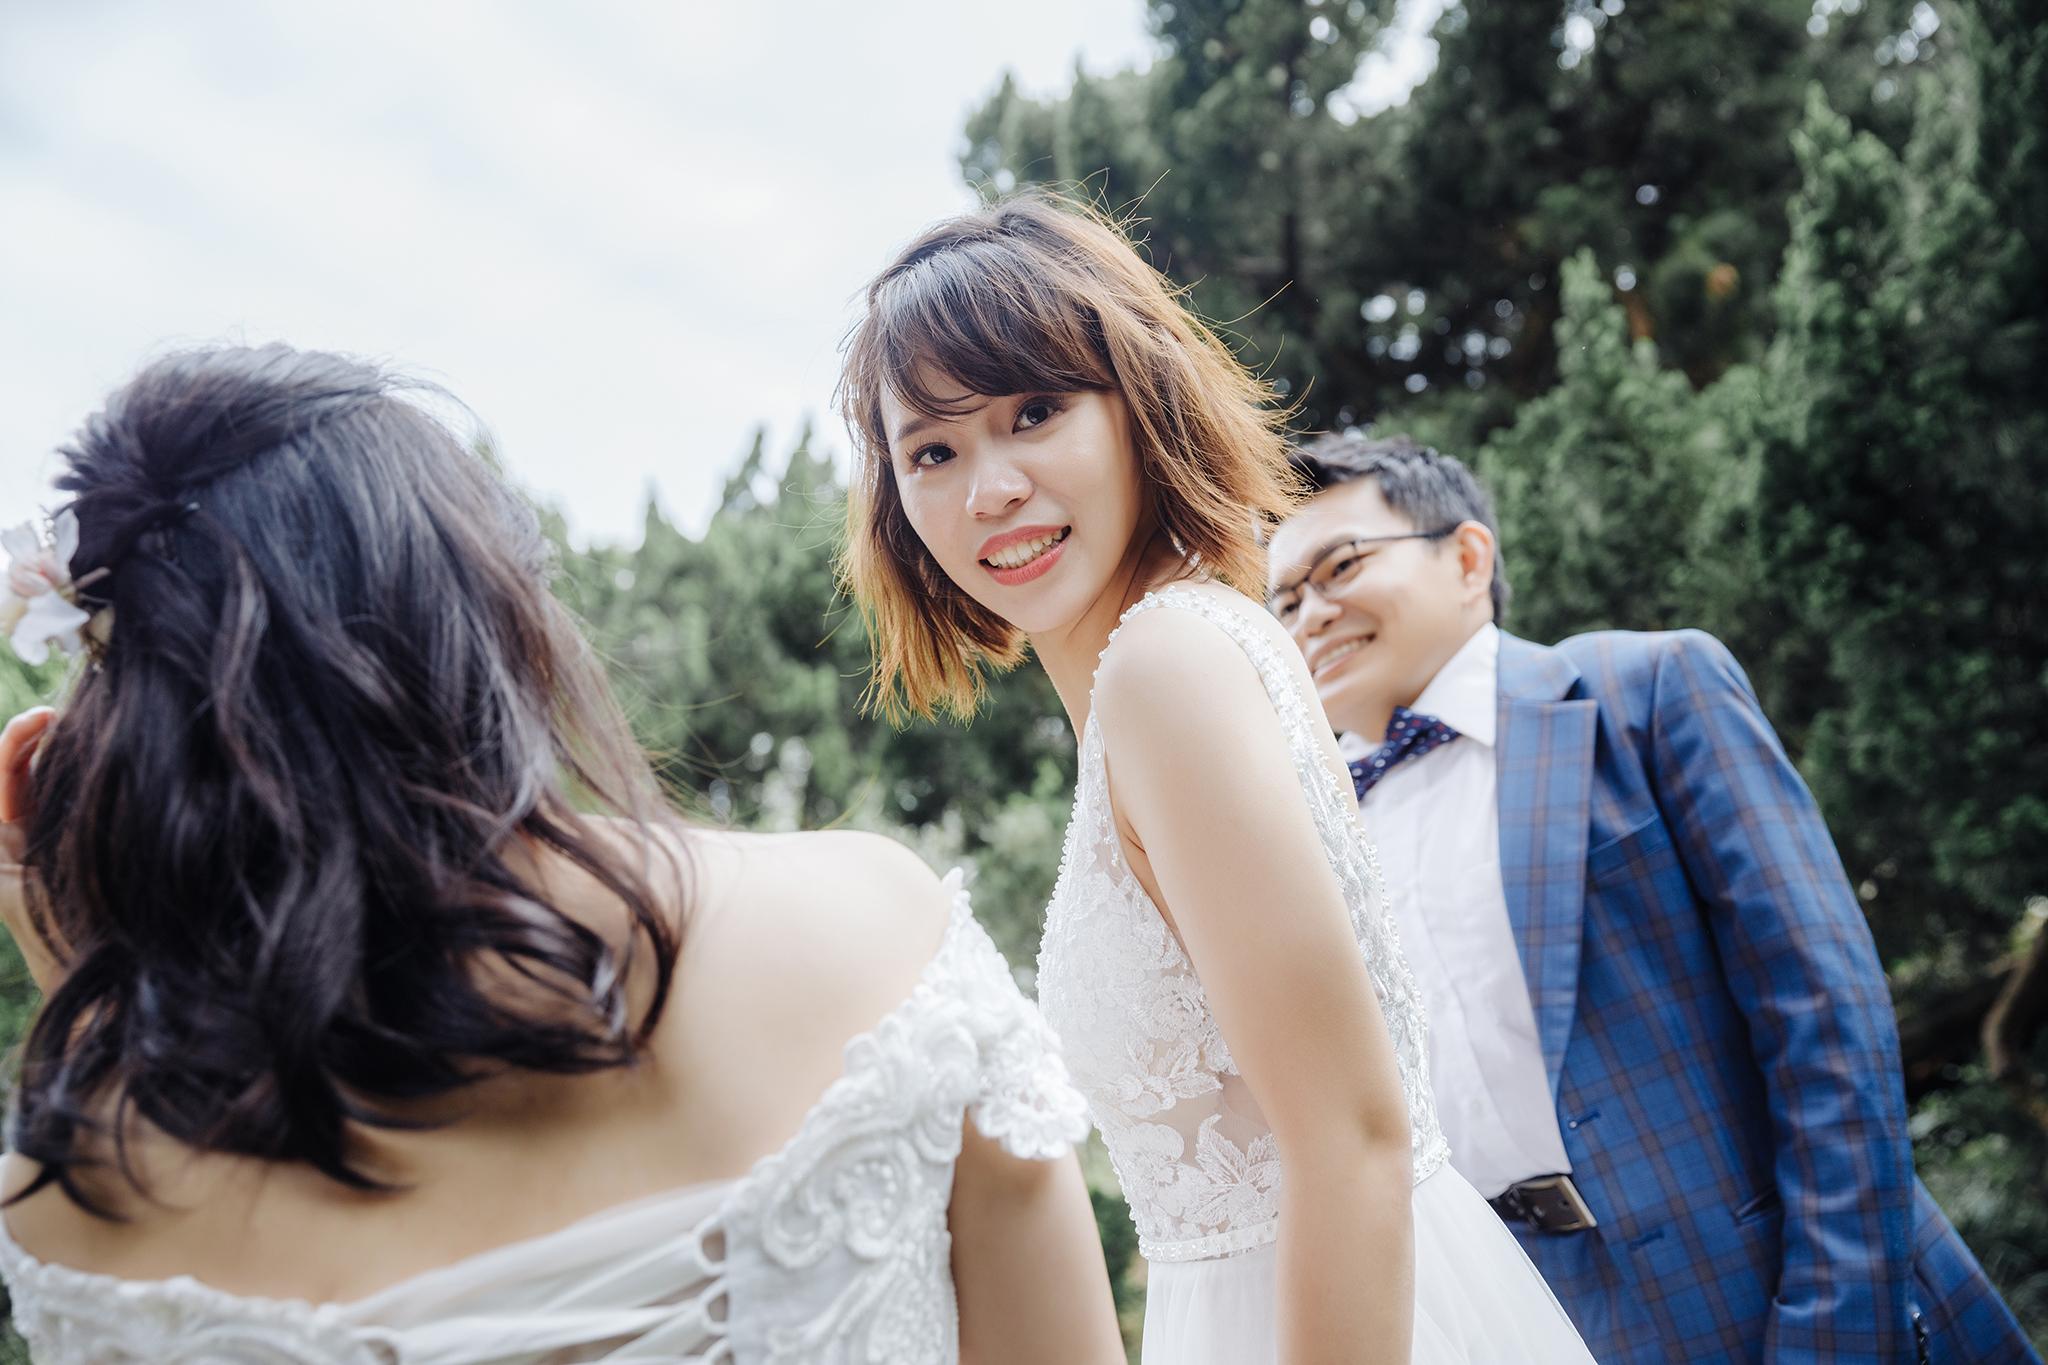 40901352603 e44b6a37ee o - 【閨蜜婚紗】+育誠&娟羽&映煦+